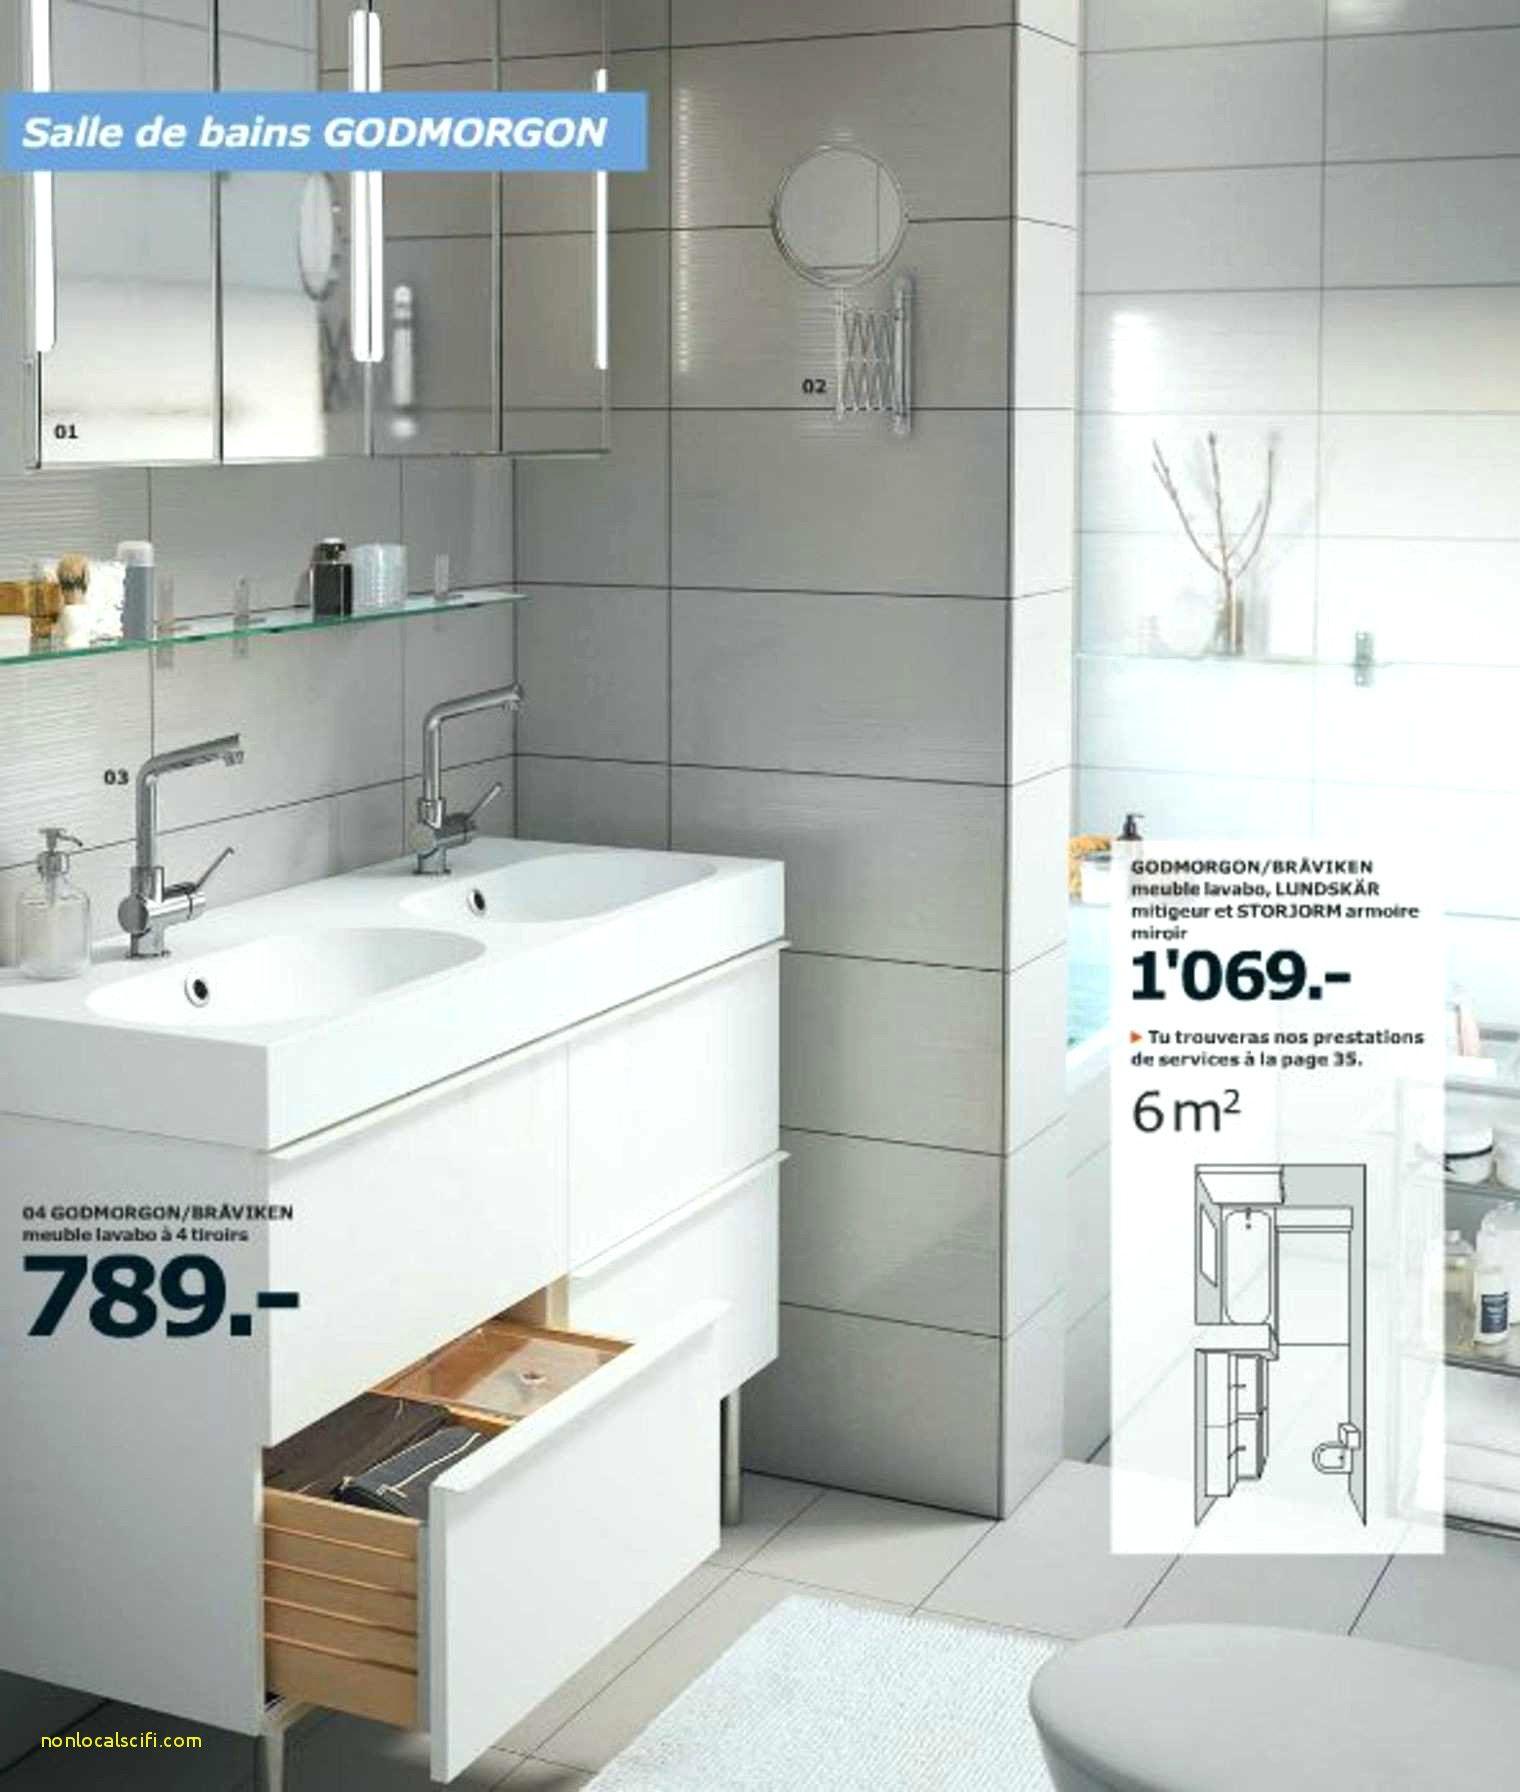 Armoire Gain De Place Armoire Gain De Place Le Gain De Place Mobilier D Interieur Ameublement Le Gain D Bathroom Design House Bathroom Designs Small Bathroom